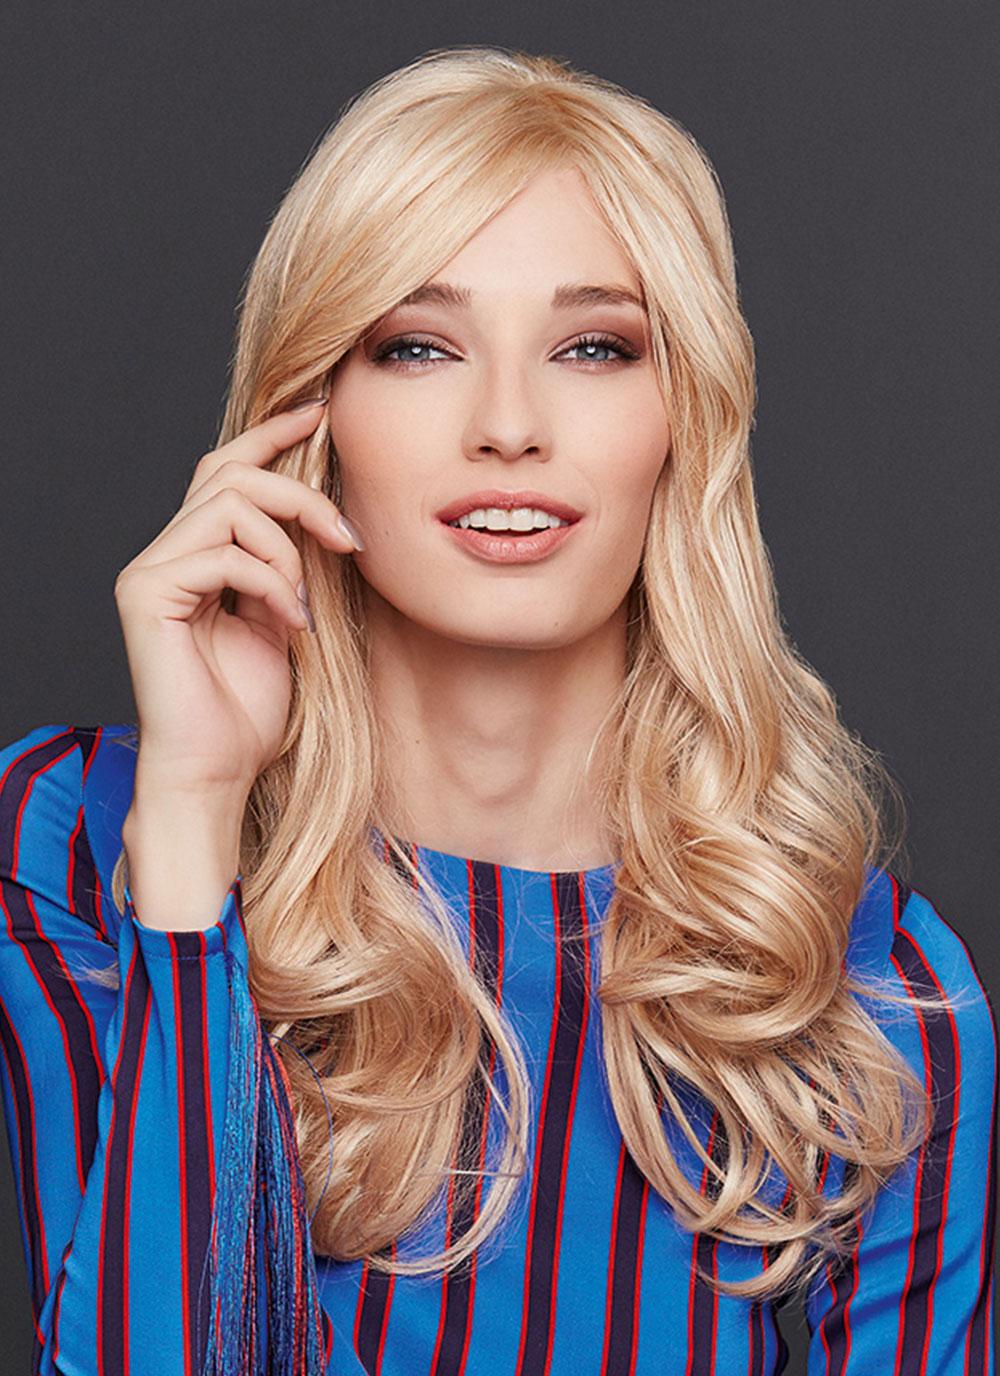 peruca par natural, peruca luxery lace f, peruci cluj, peruci timisoara, peruca gisela mayer